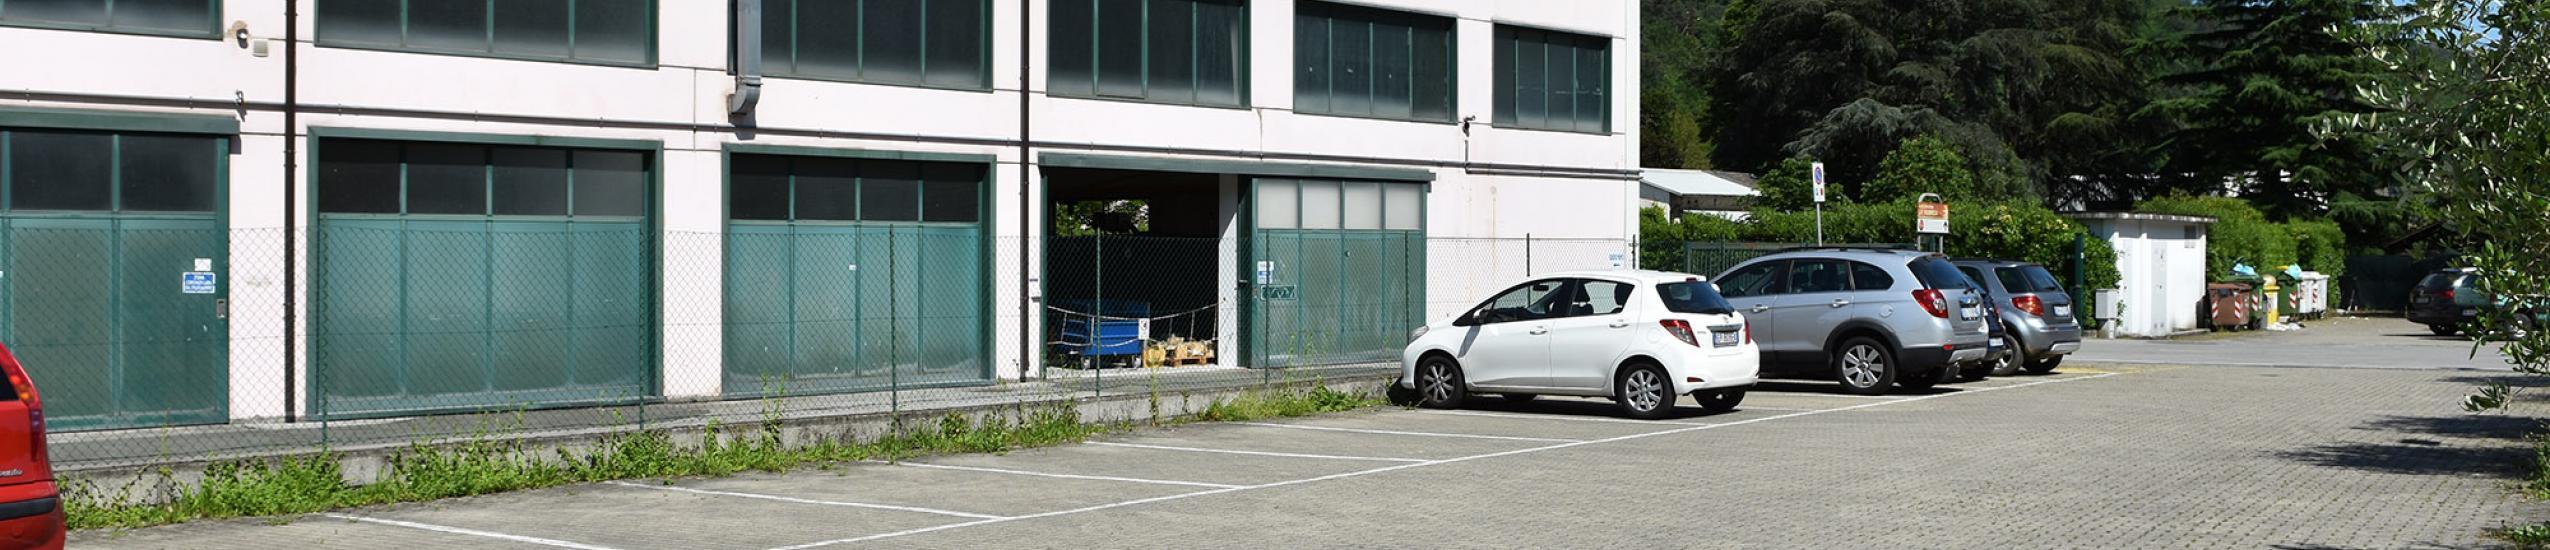 Parcheggi pubblici Loc Pian di Coreglia